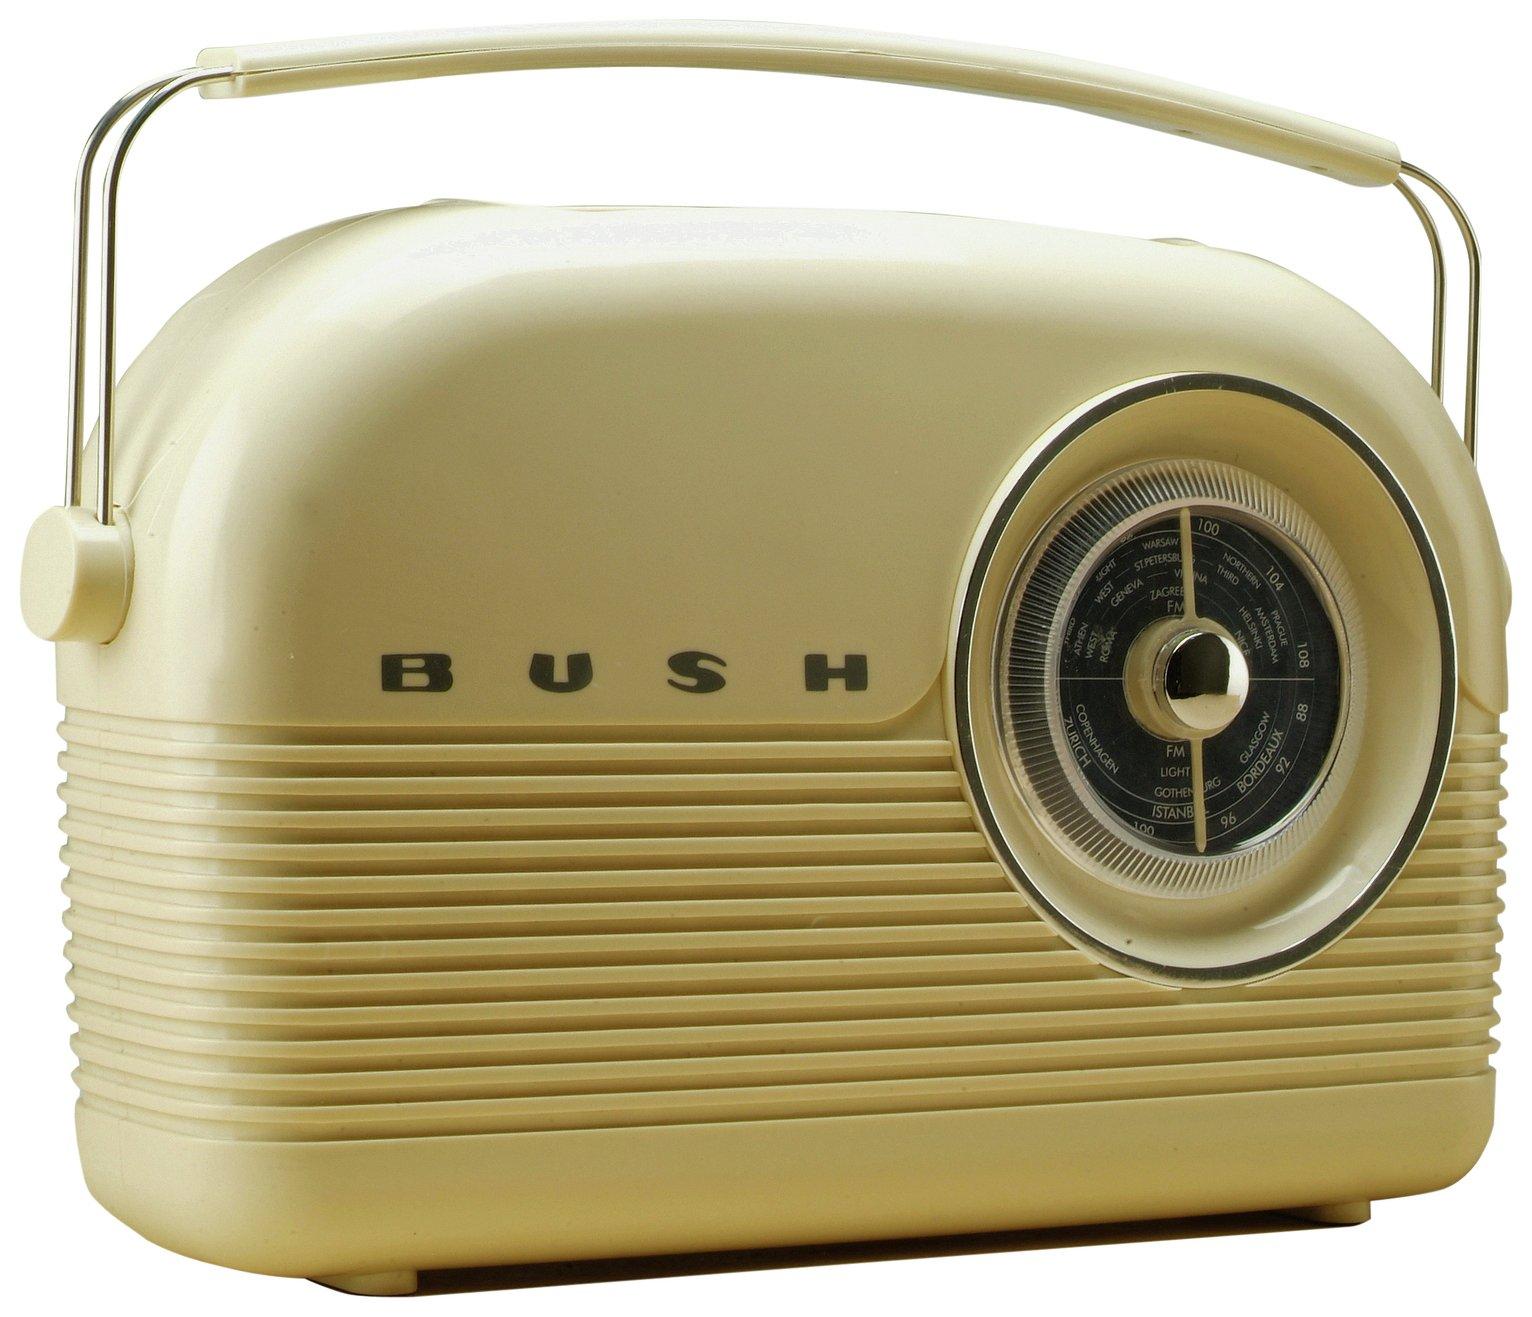 Bush - Classic Retro FM Radio